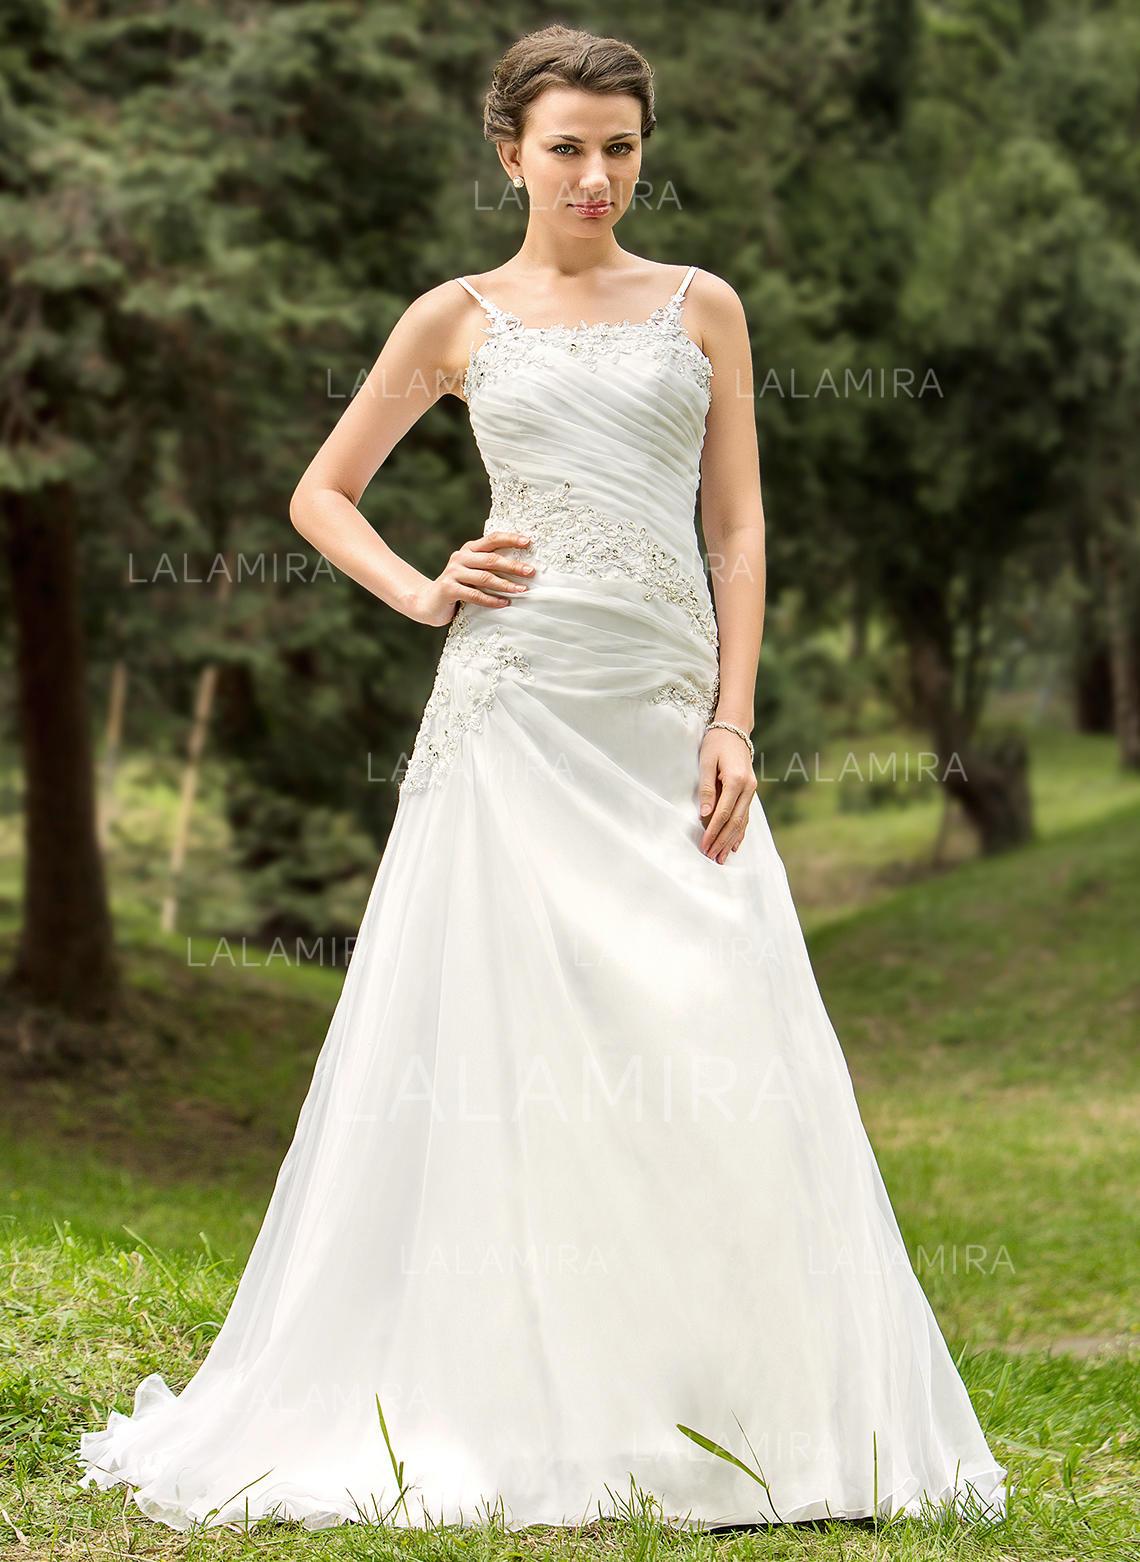 a901d0834bed Affascinante Senza spalline A-Line Principessa Abiti da sposa Coda a  strascico corto Del. Loading zoom